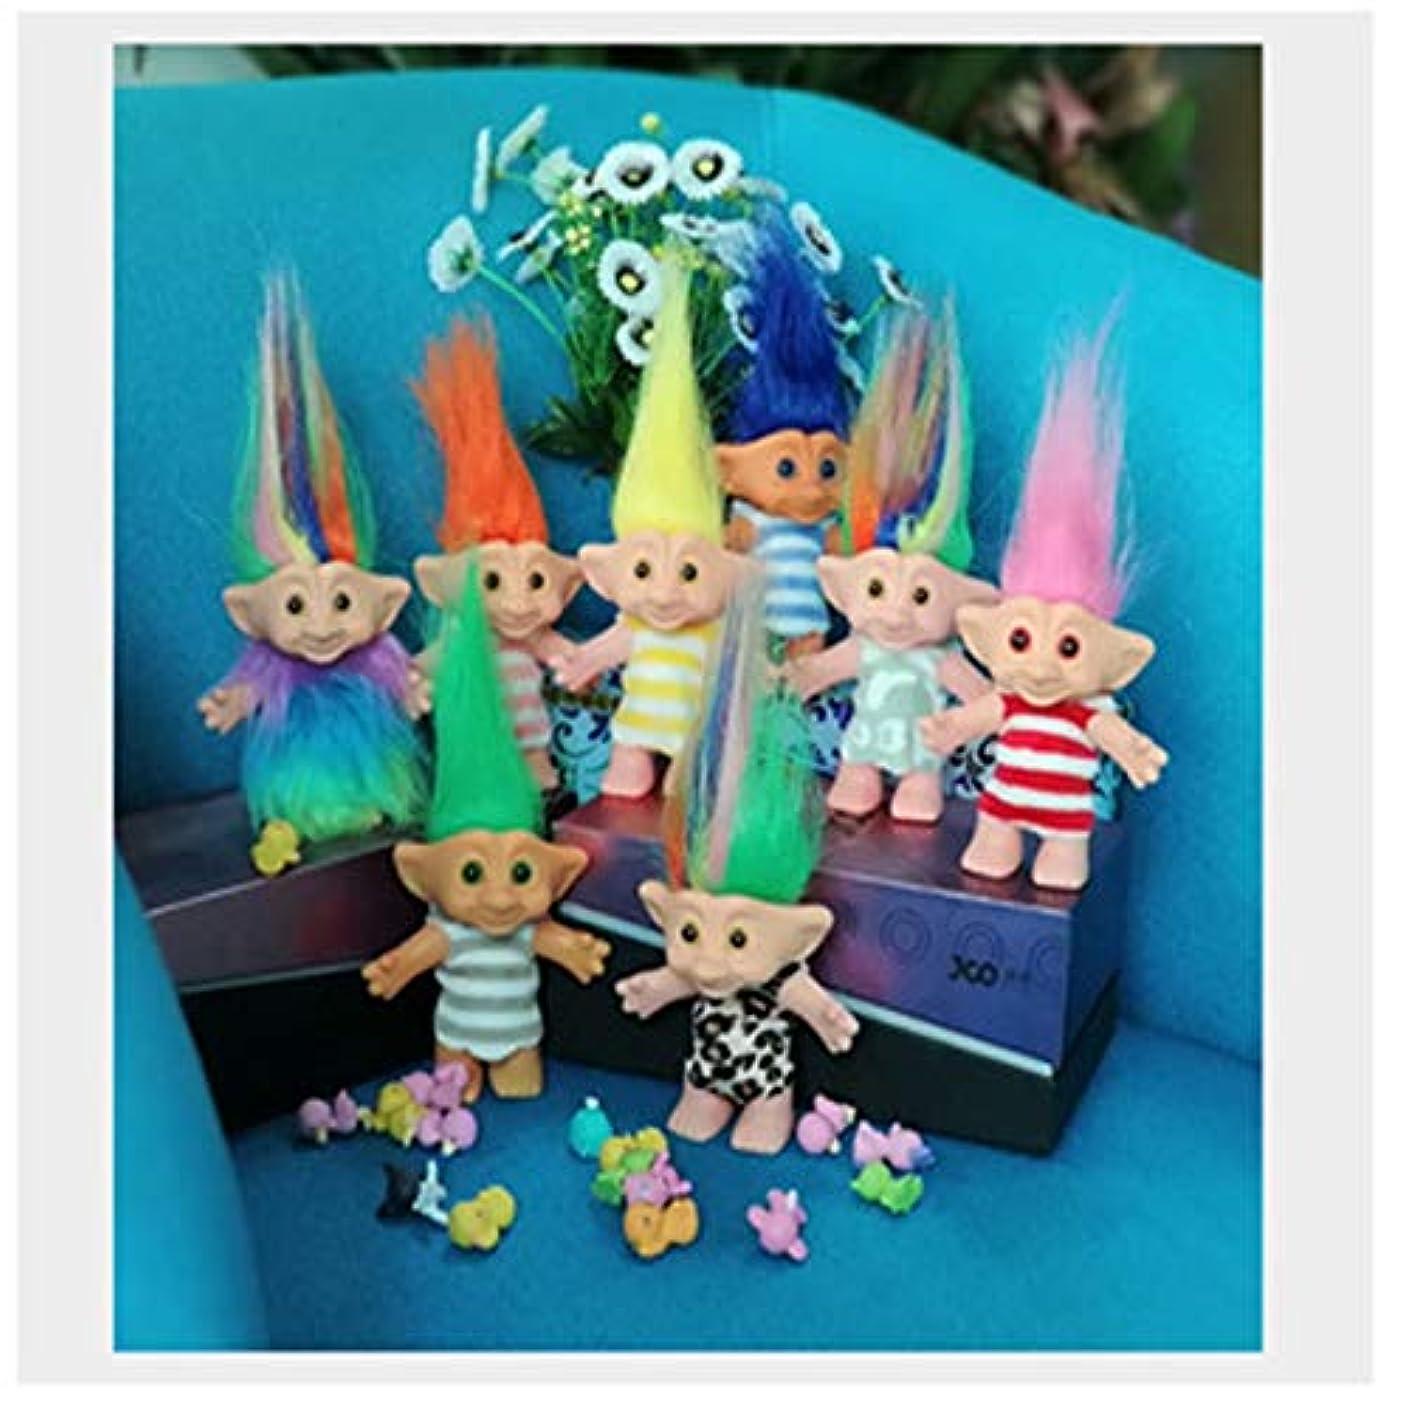 はっきりとバッチ経験者子供のおもちゃ軽量ミニ遊ぶ面白いフライングディスクウォッチ子供のおもちゃ早期教育子供のギフトおもちゃ